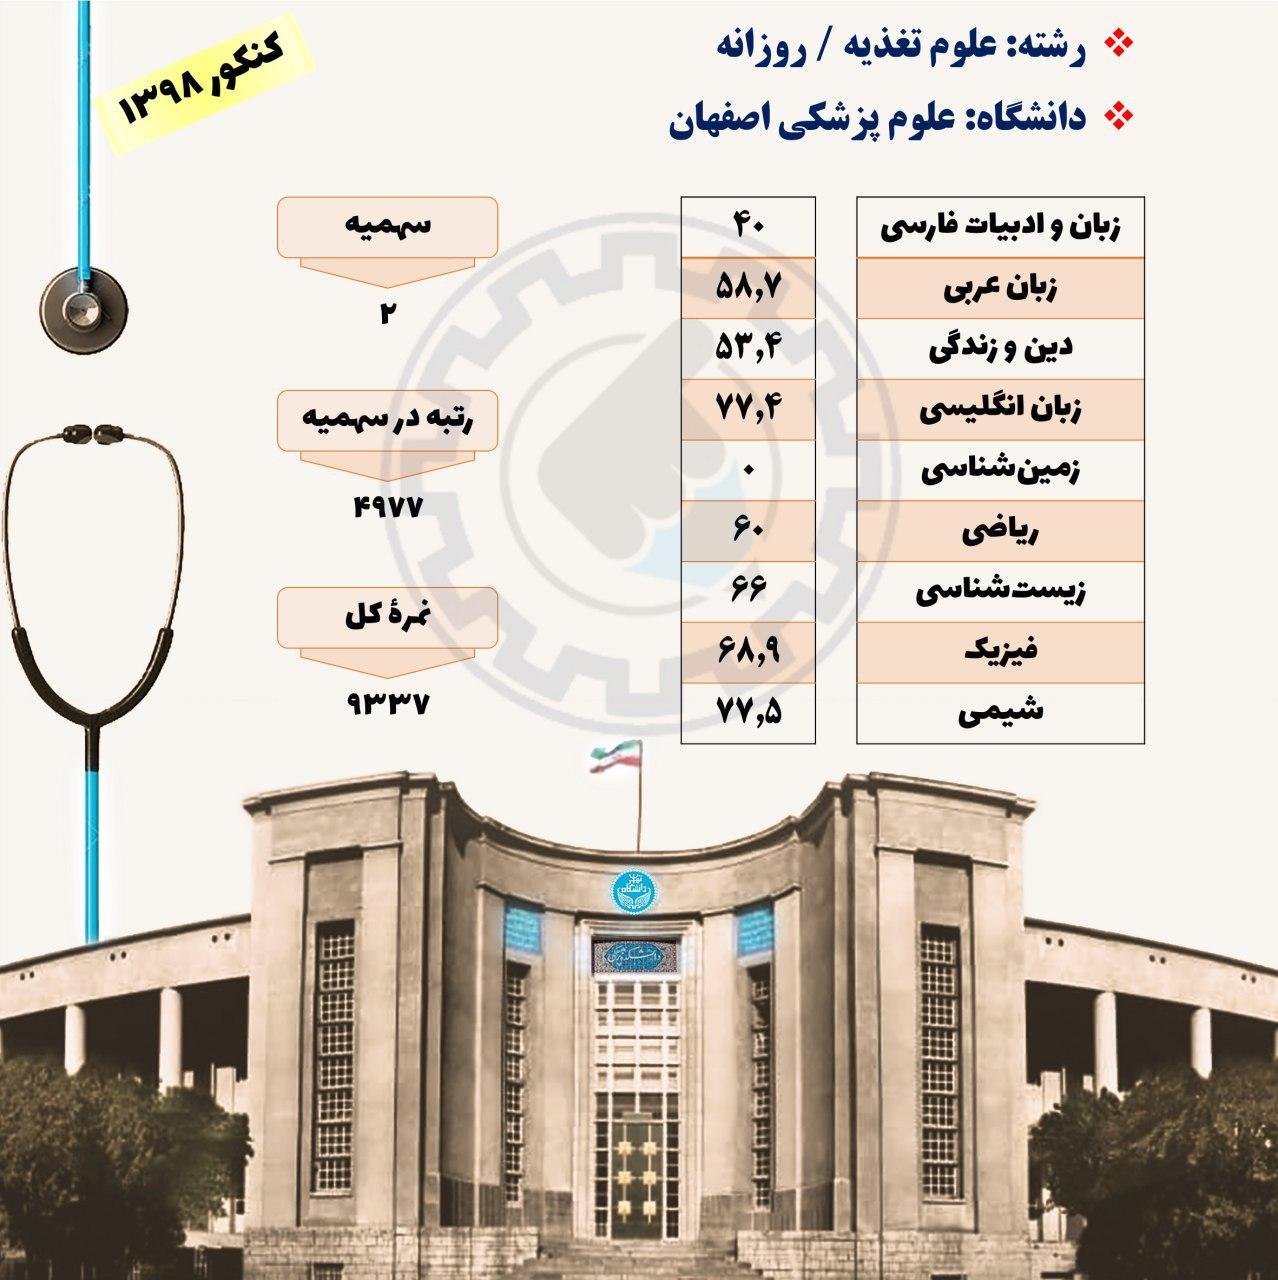 کارنامه قبولی علوم تغذیه دانشگاه علوم پزشکی اصفهان